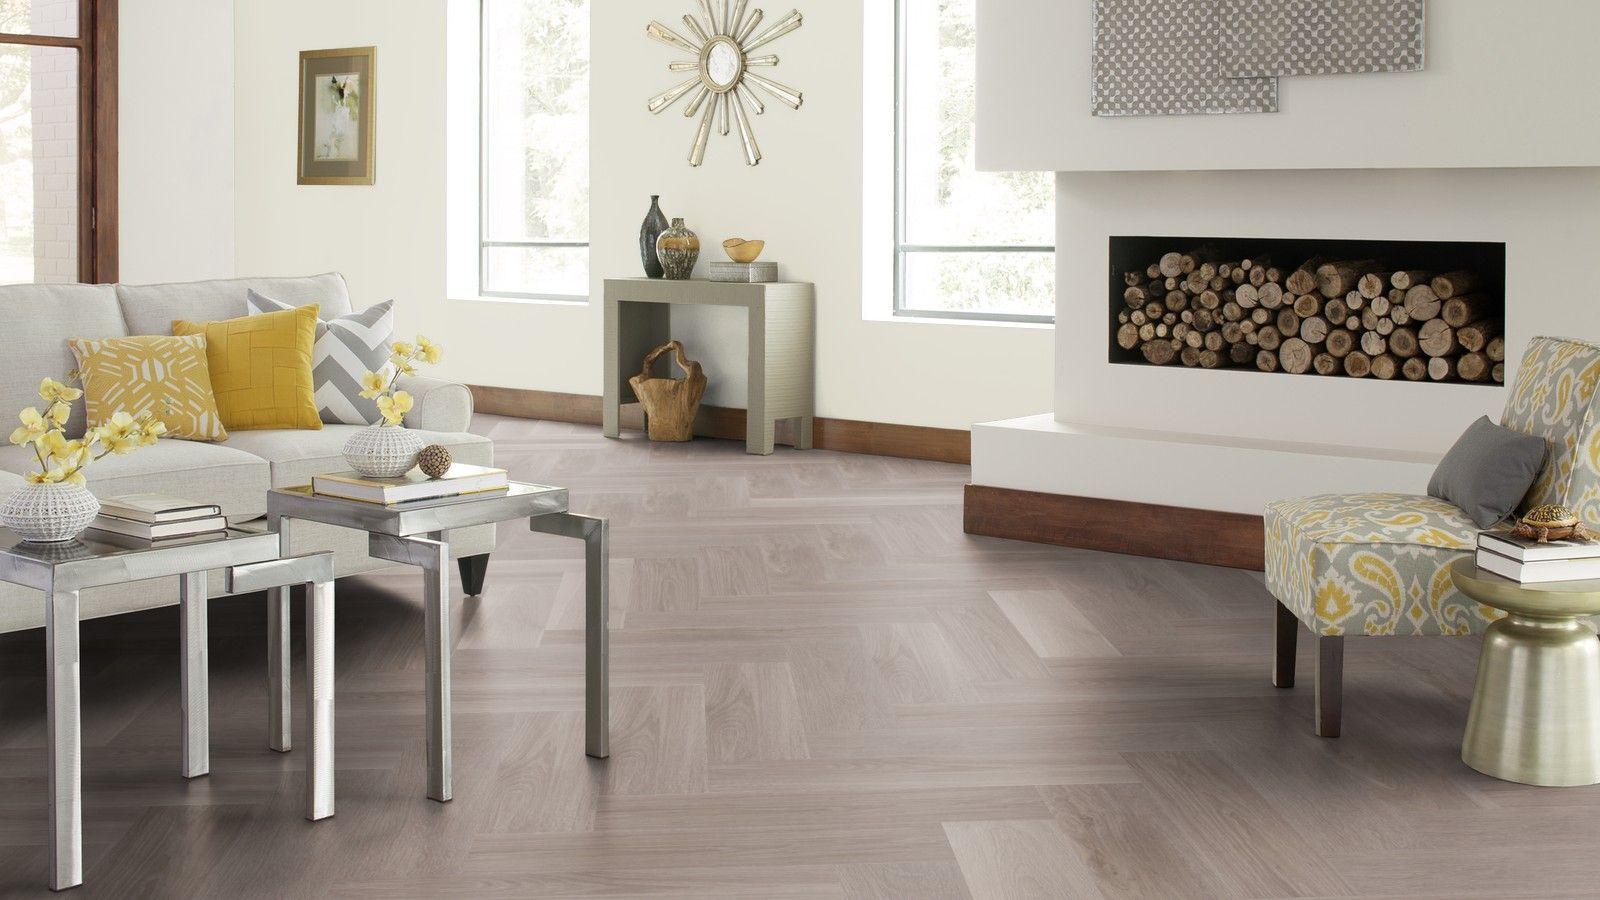 Cavallo floors heeft veel ervaring in het goedkoop leggen en